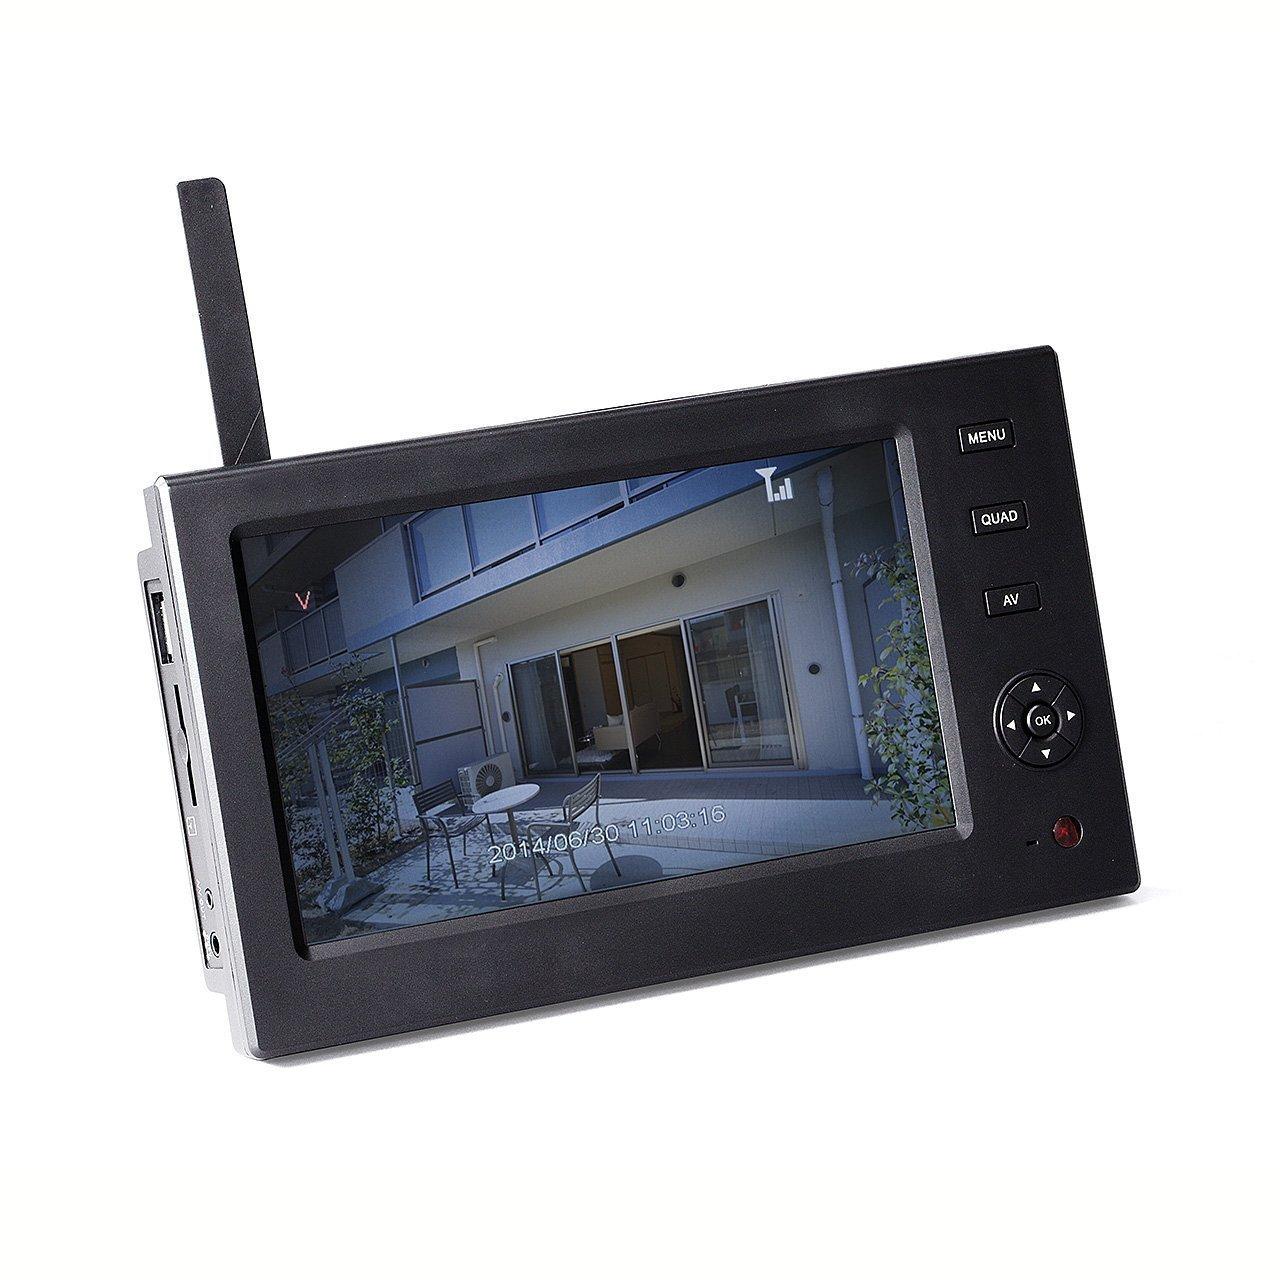 サンワダイレクト 防犯カメラ用 ワイヤレスモニター 400-CAM035/055専用 バッテリー搭載/充電式 7インチ SD/USBメモリー 対応 400-CAM055DSP B01H2SH4AG バッテリー内蔵モニター バッテリー内蔵モニター